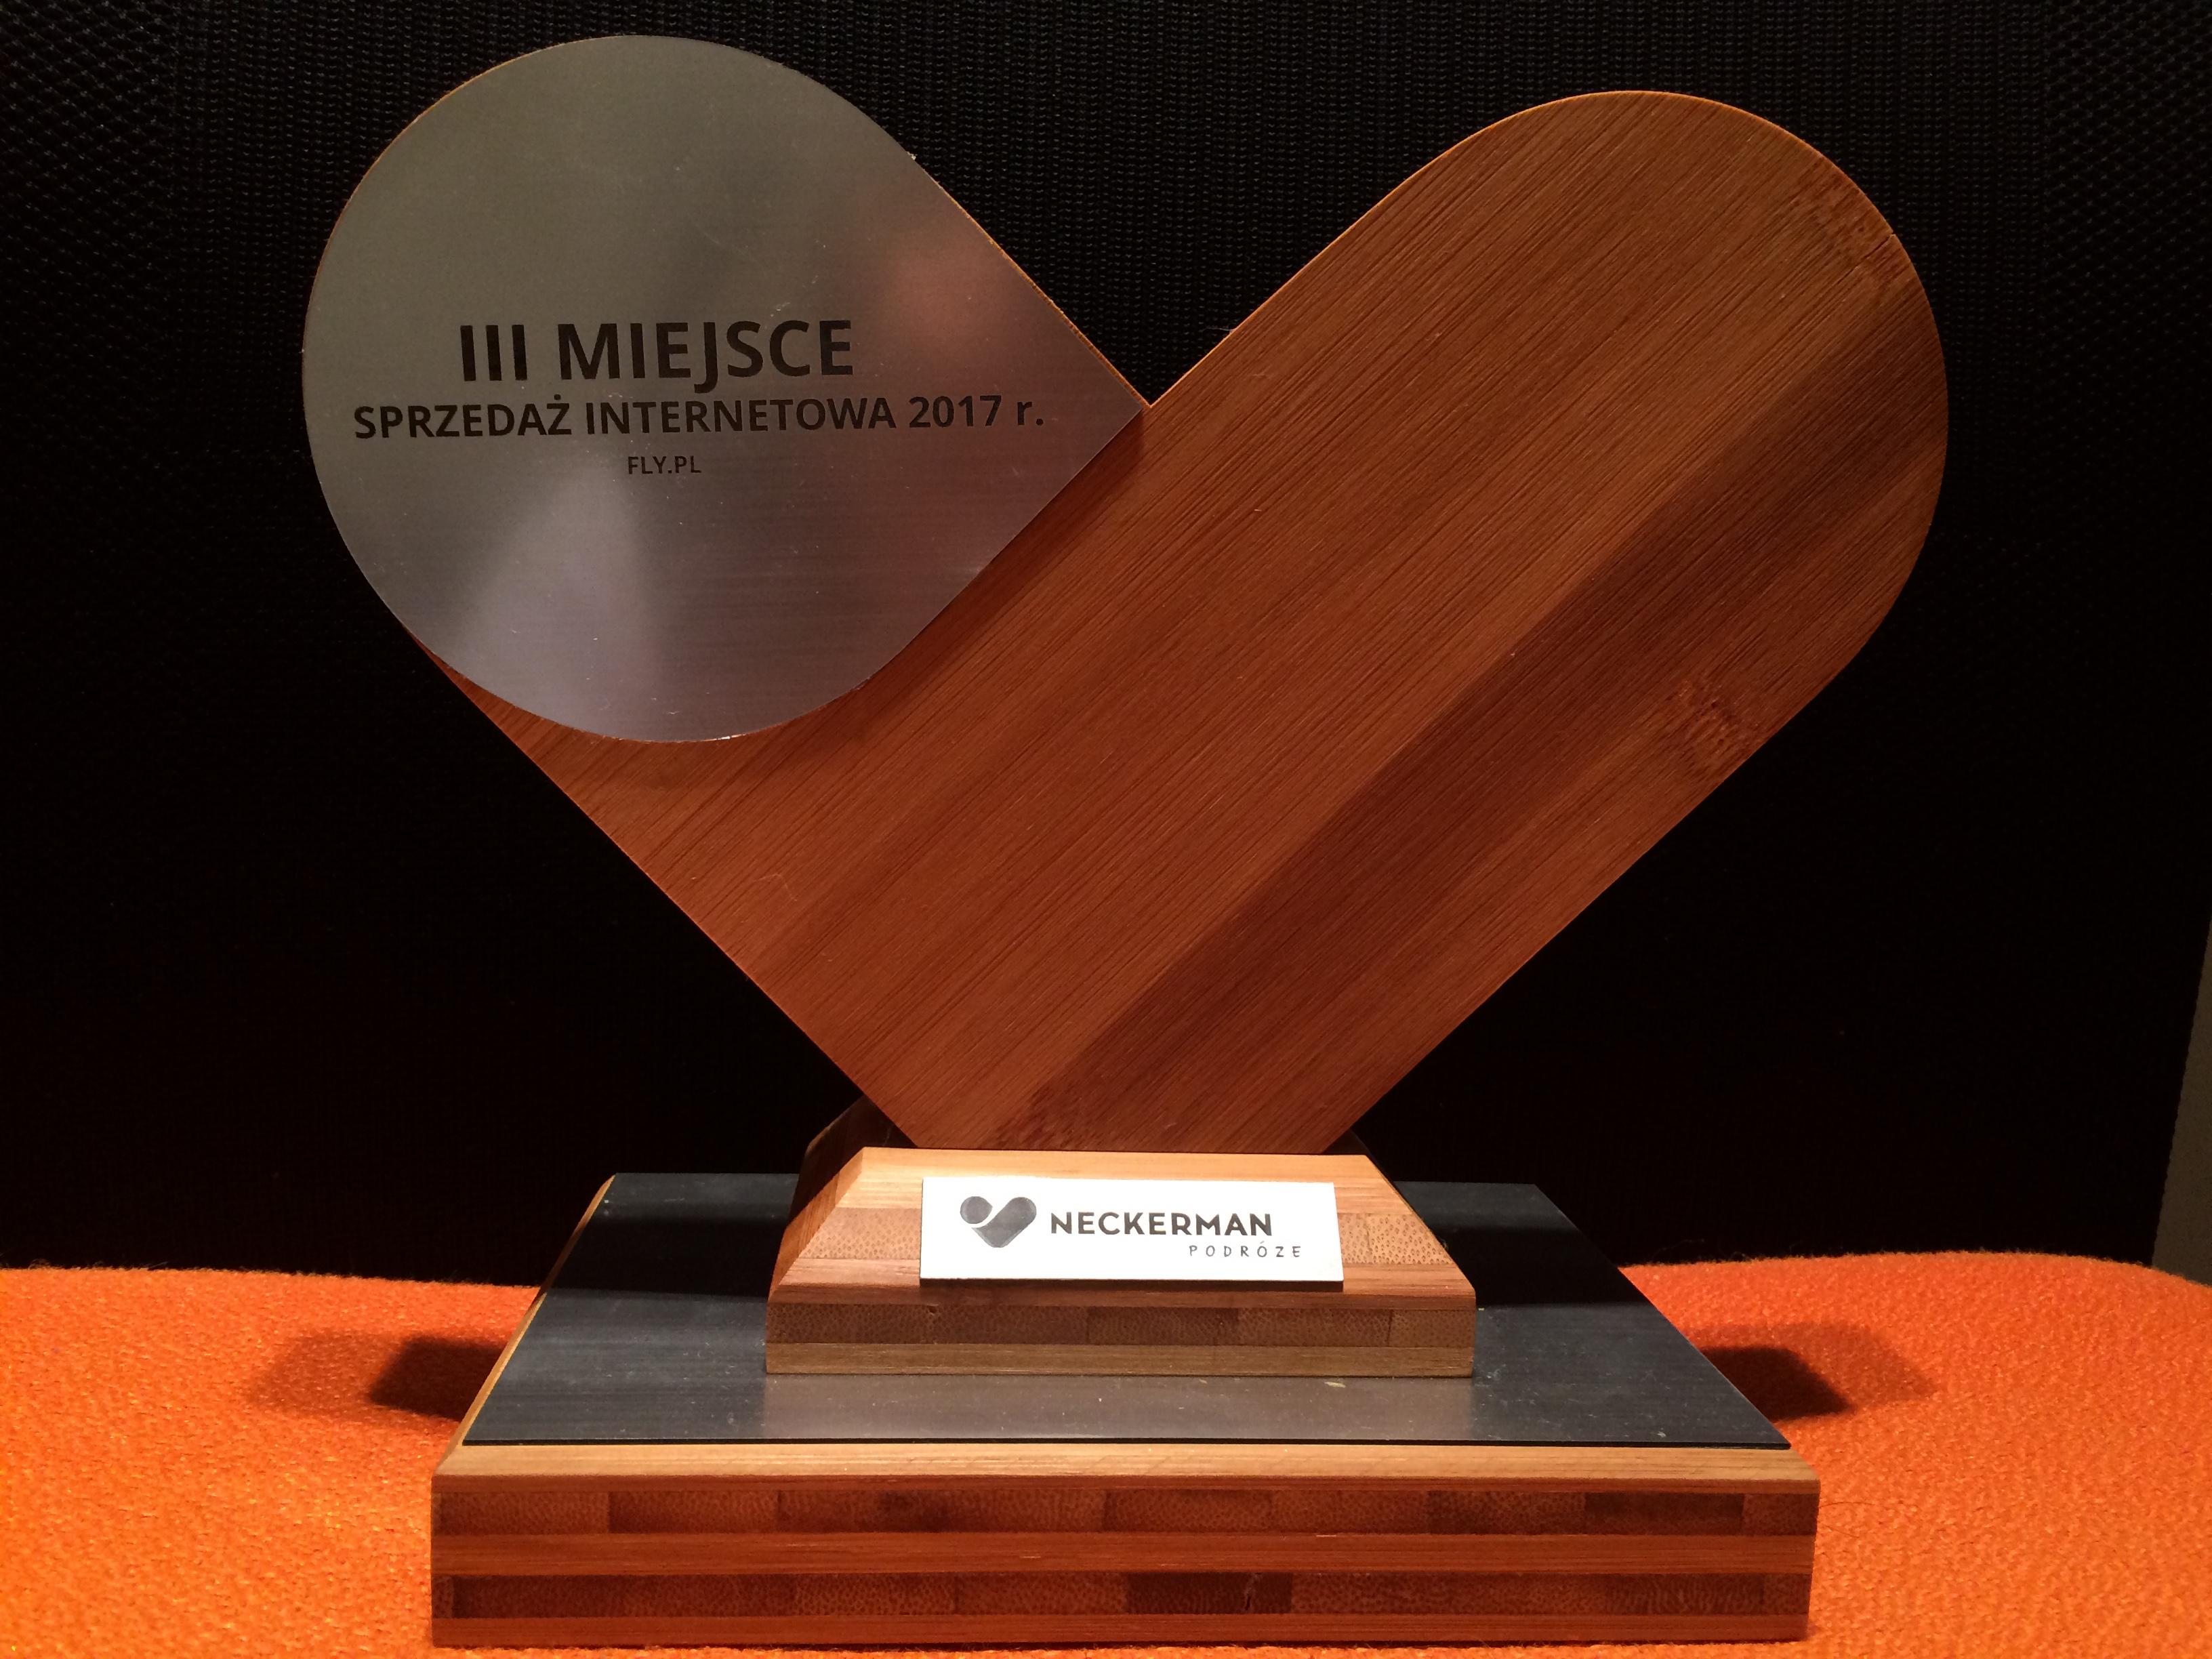 Nagroda za zajęcie III miejsca w sprzedaży internetowej 2017 r. od biura podróży Neckermann